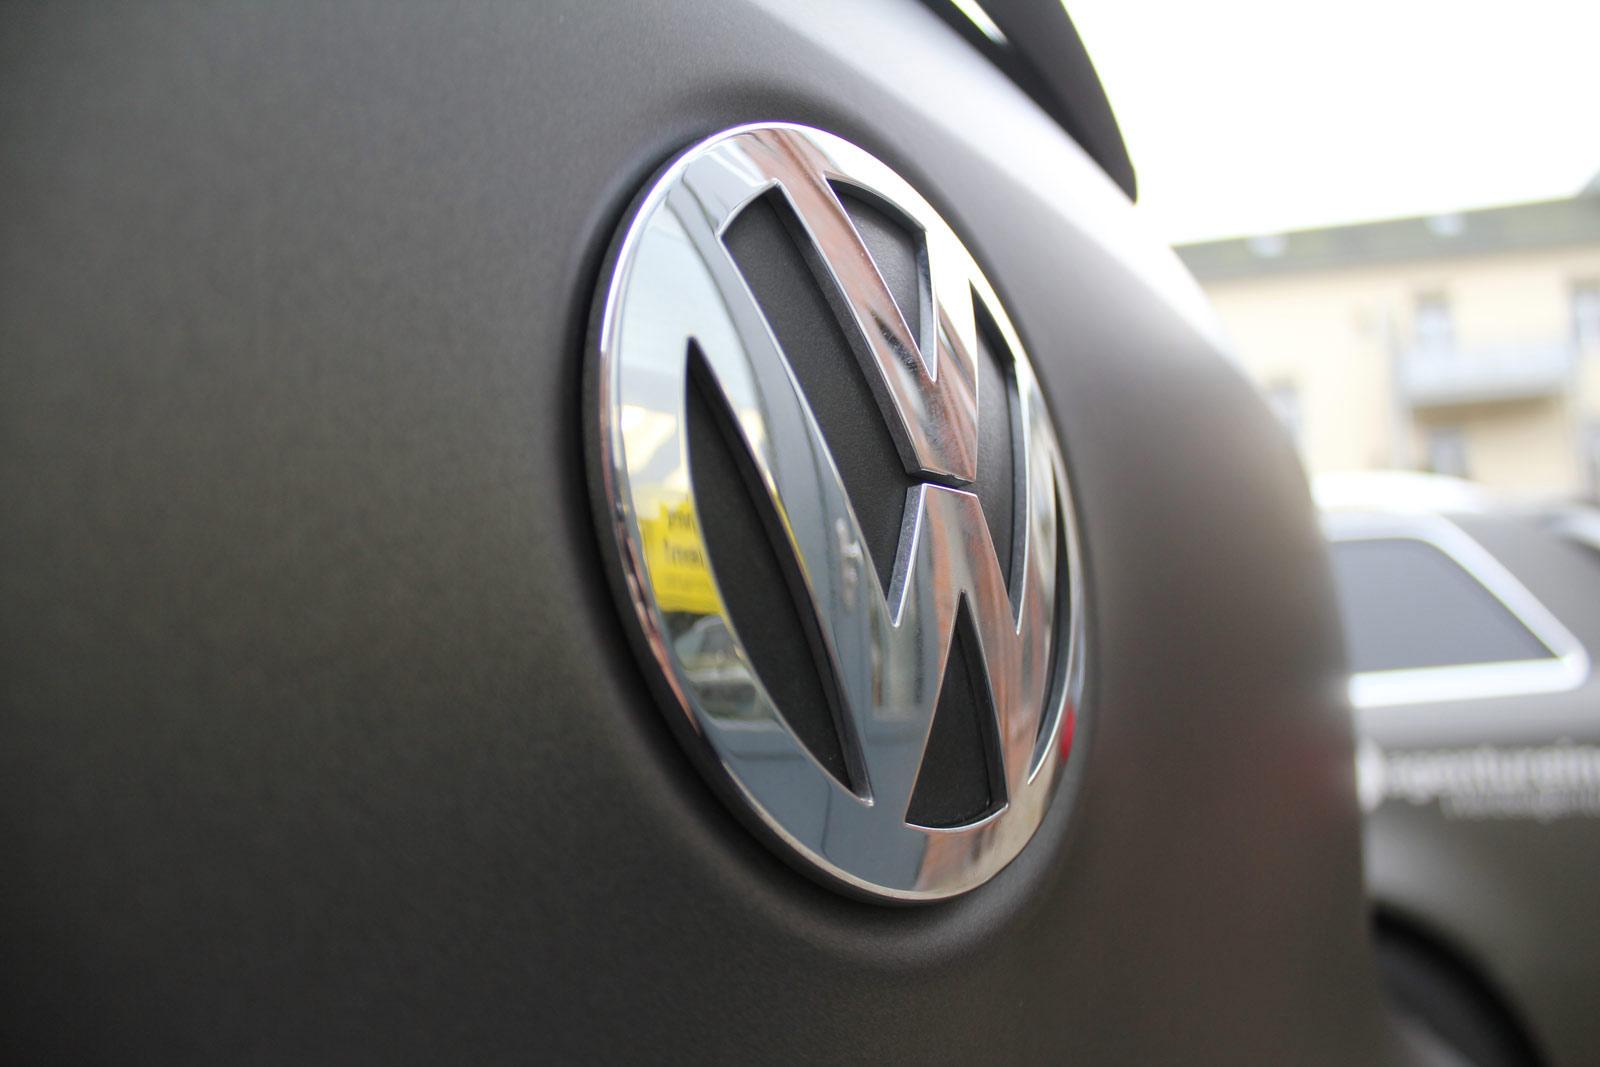 VW_Tiguan_Foliert_Anthrazit_Matt_Metallic_Carbon_Spiegel_09